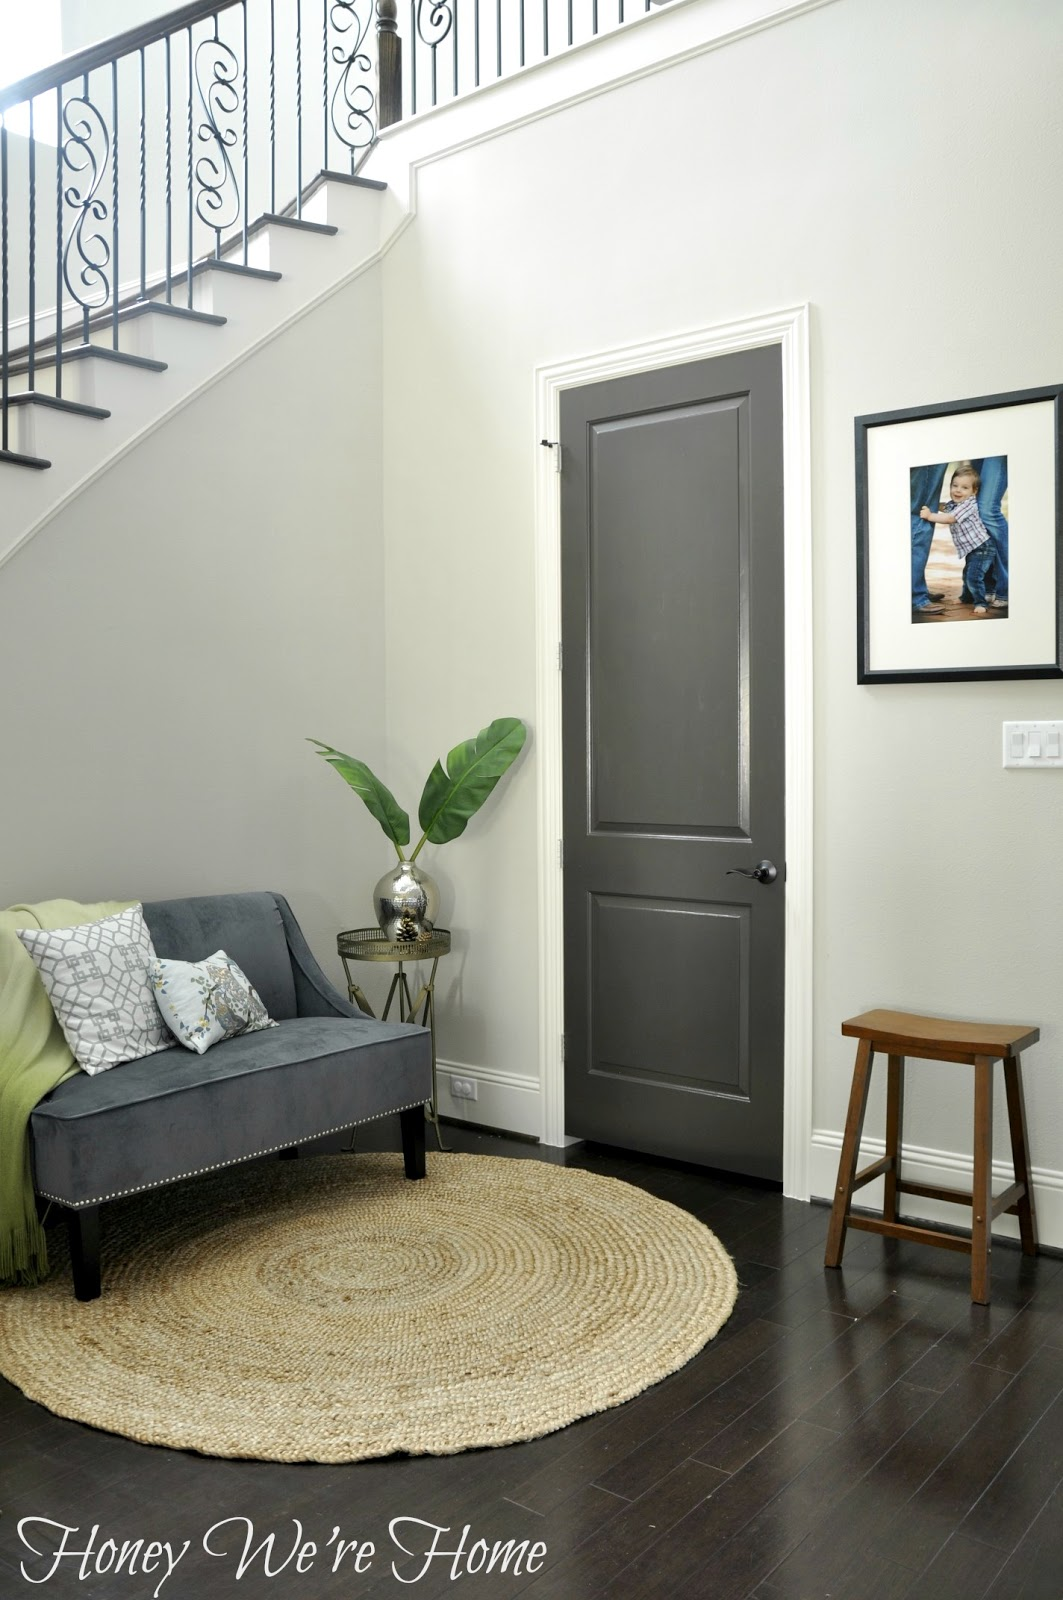 Interior Doors: Black/Gray Painted Interior Doors